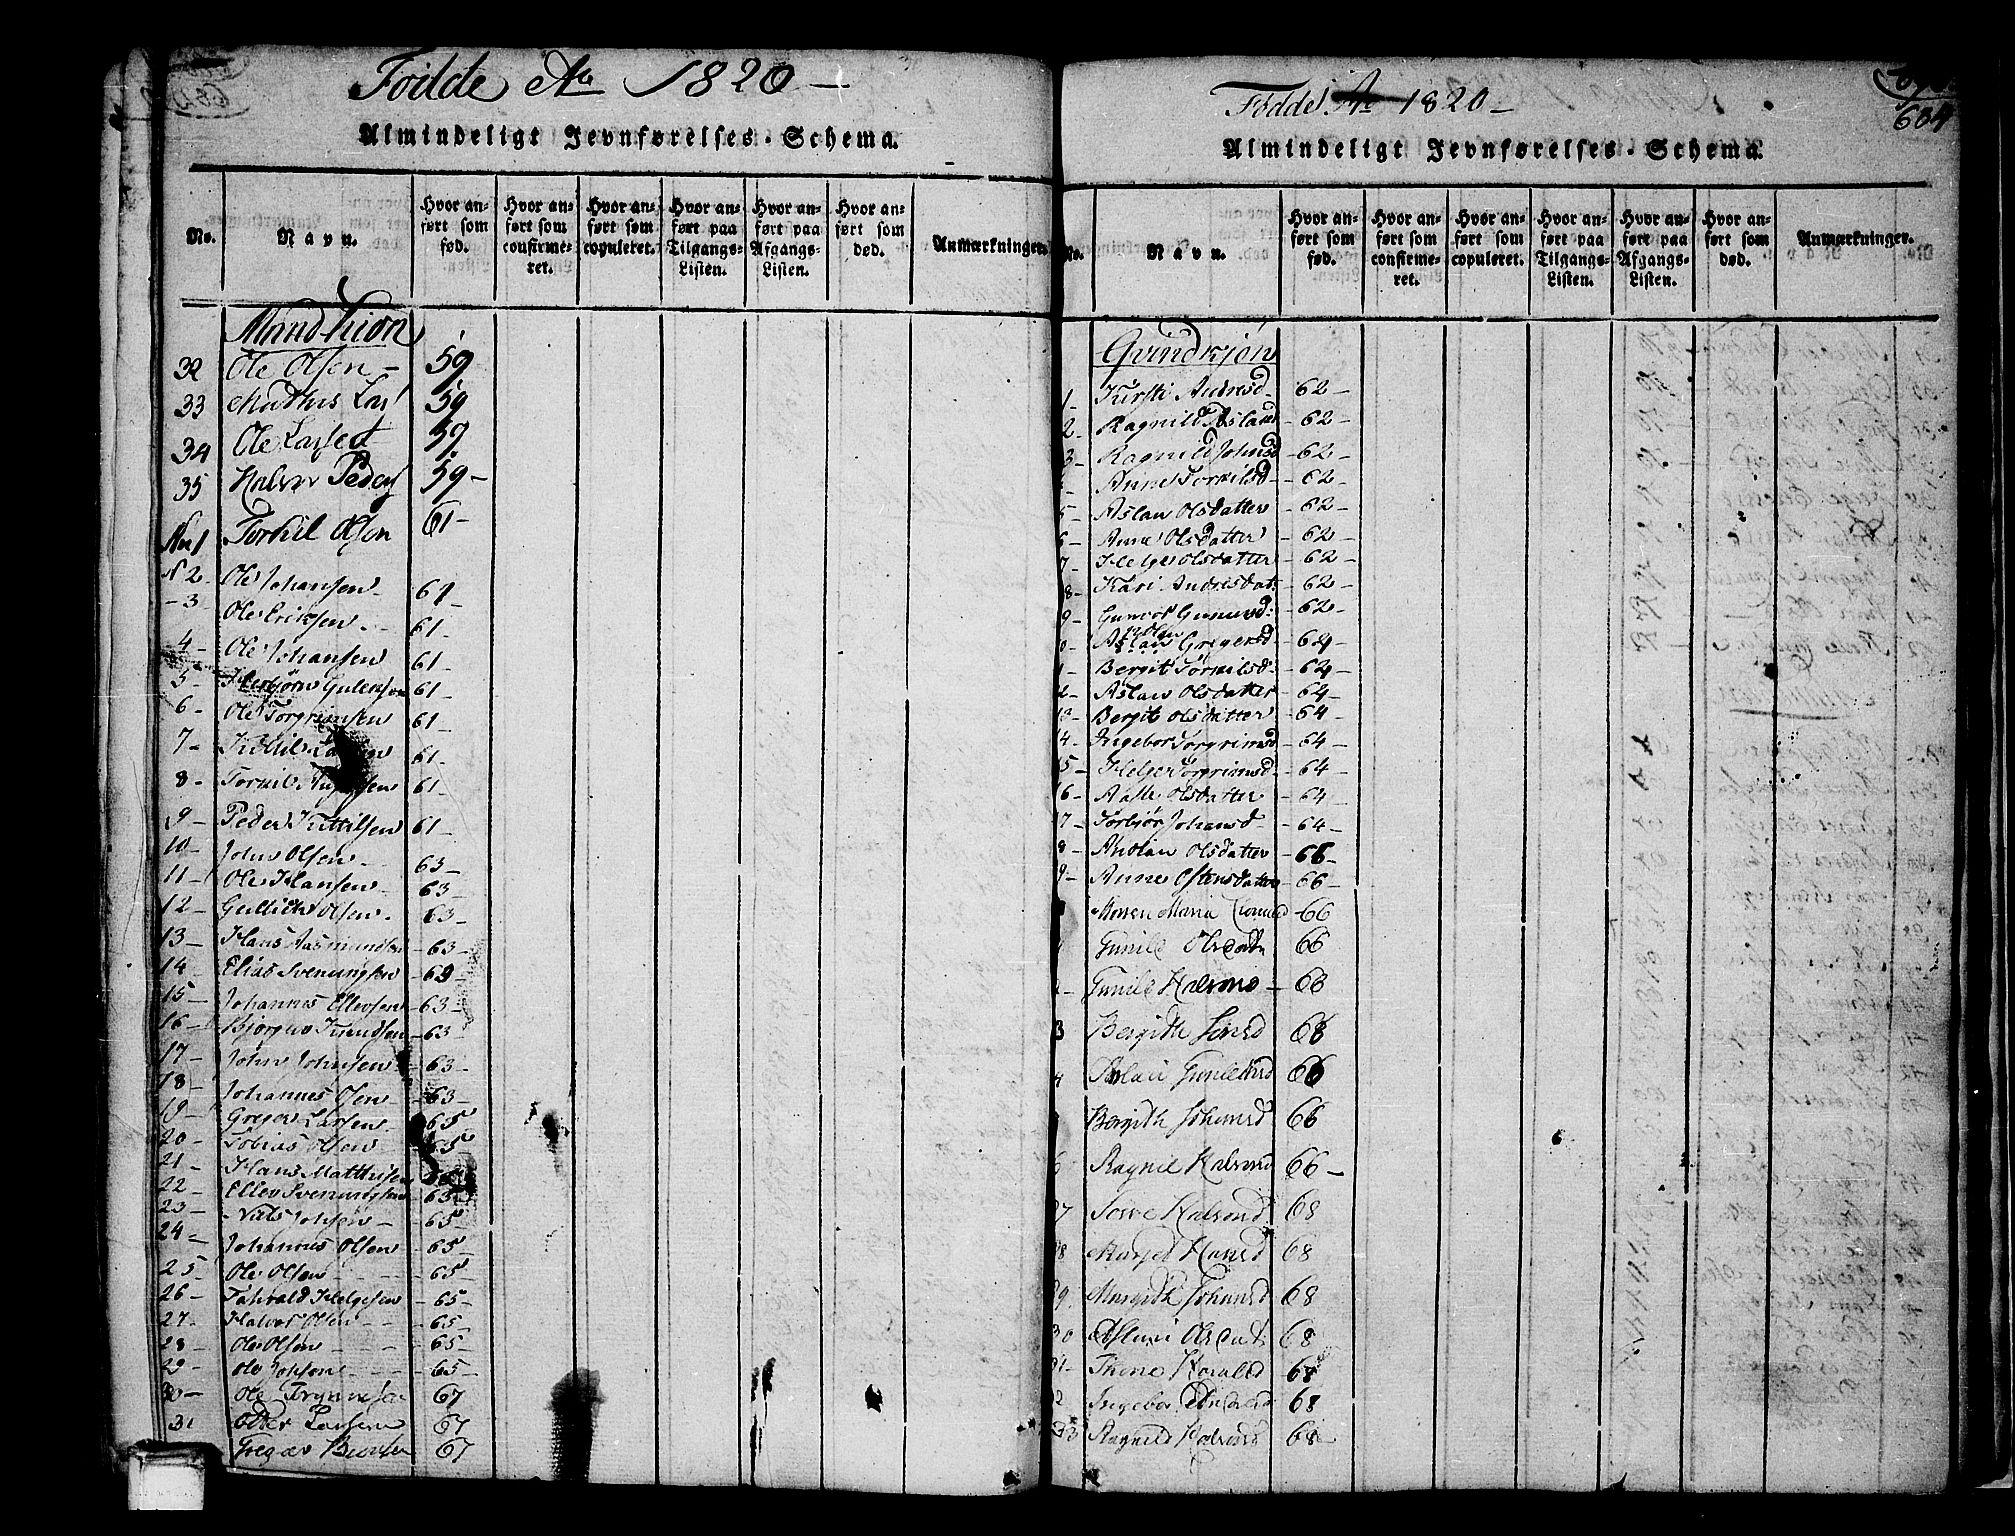 SAKO, Heddal kirkebøker, F/Fa/L0005: Ministerialbok nr. I 5, 1814-1837, s. 683-684